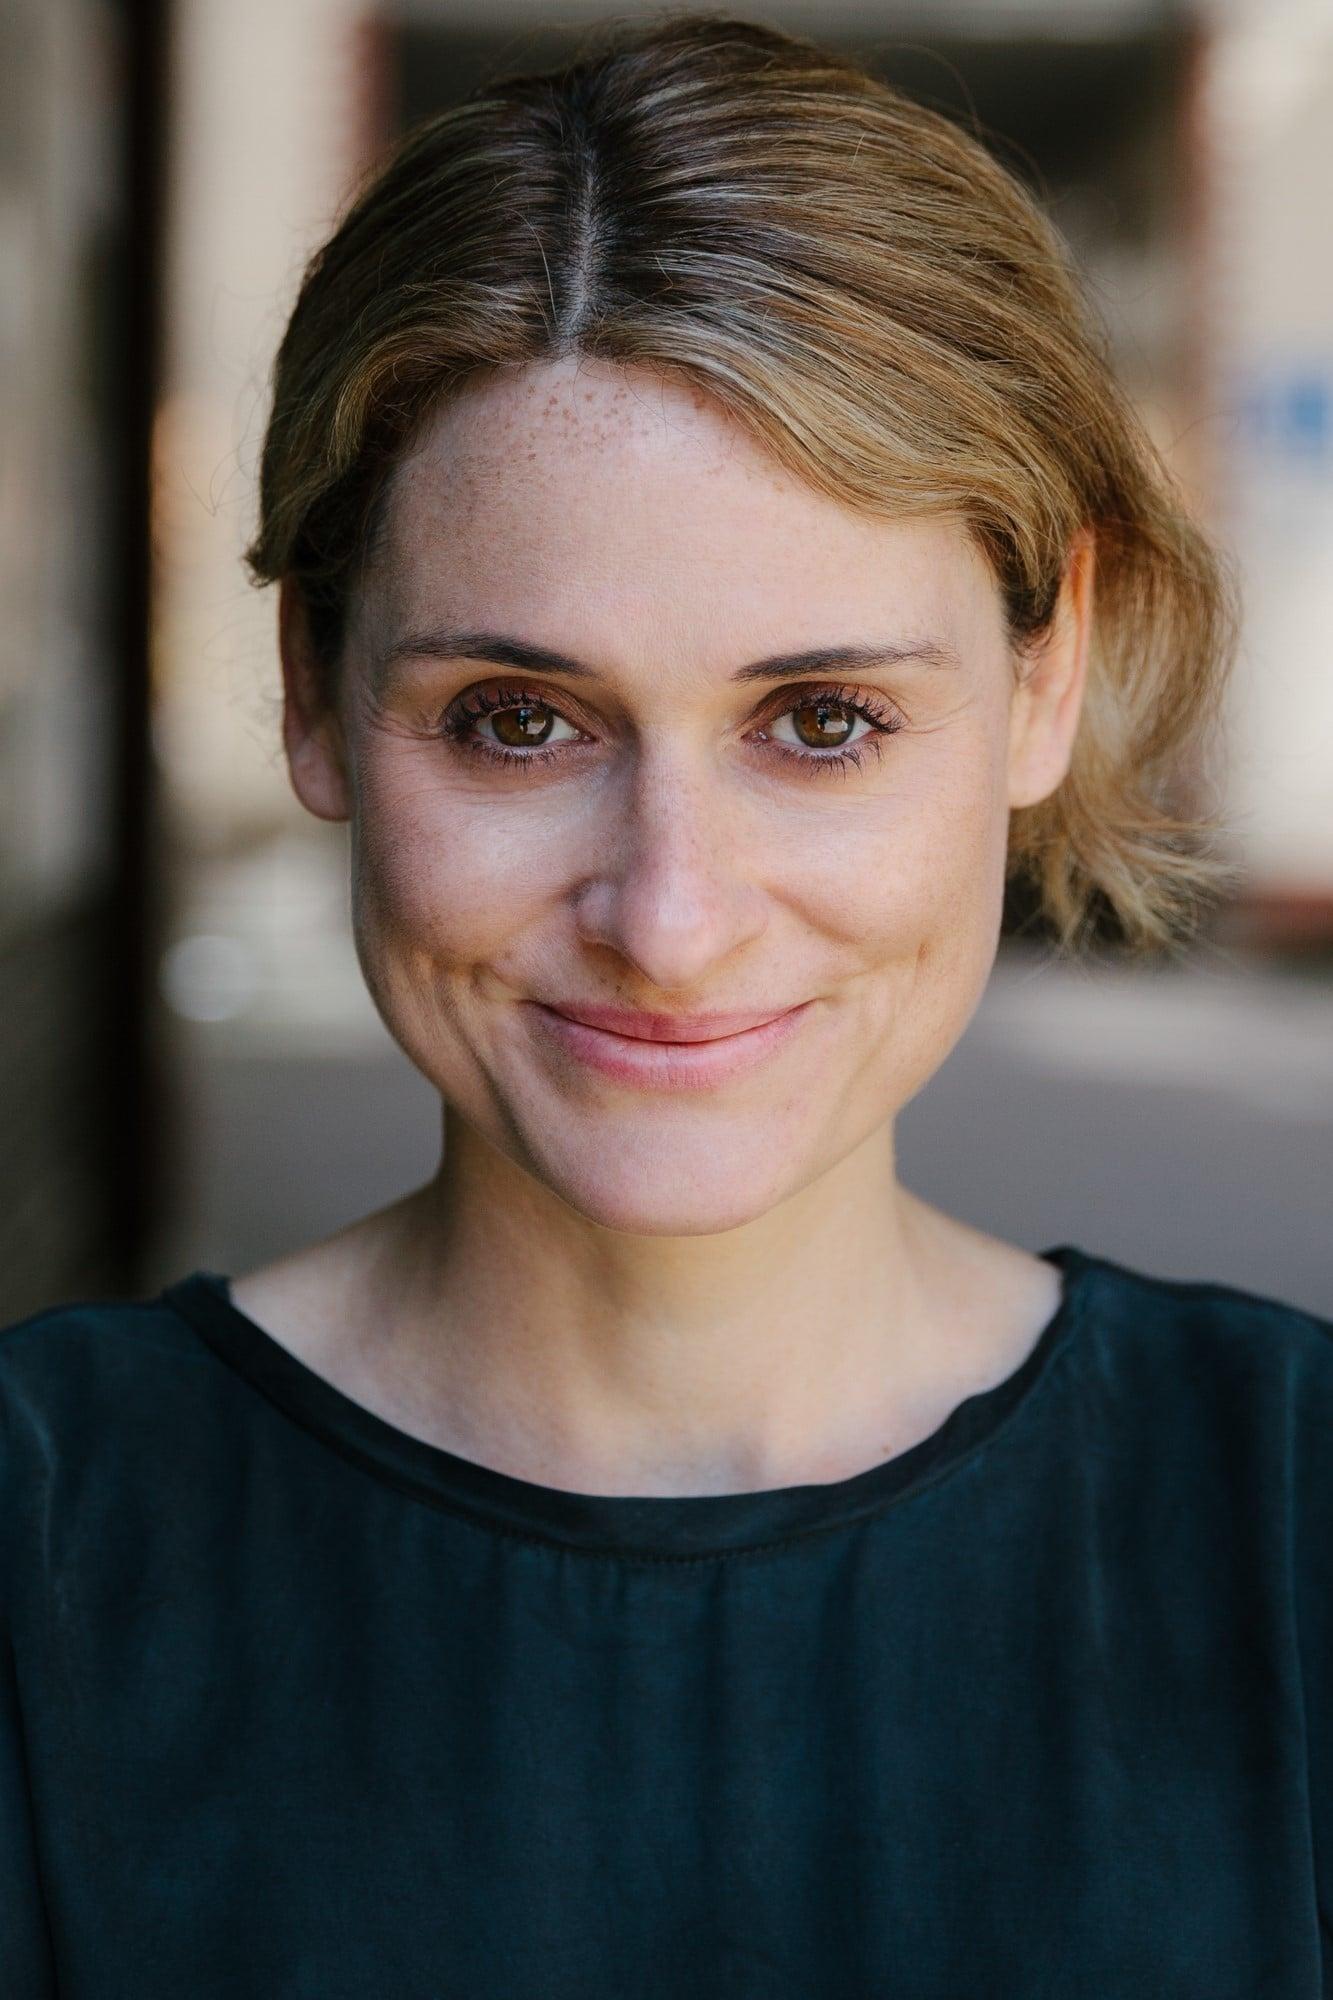 Julia Becker